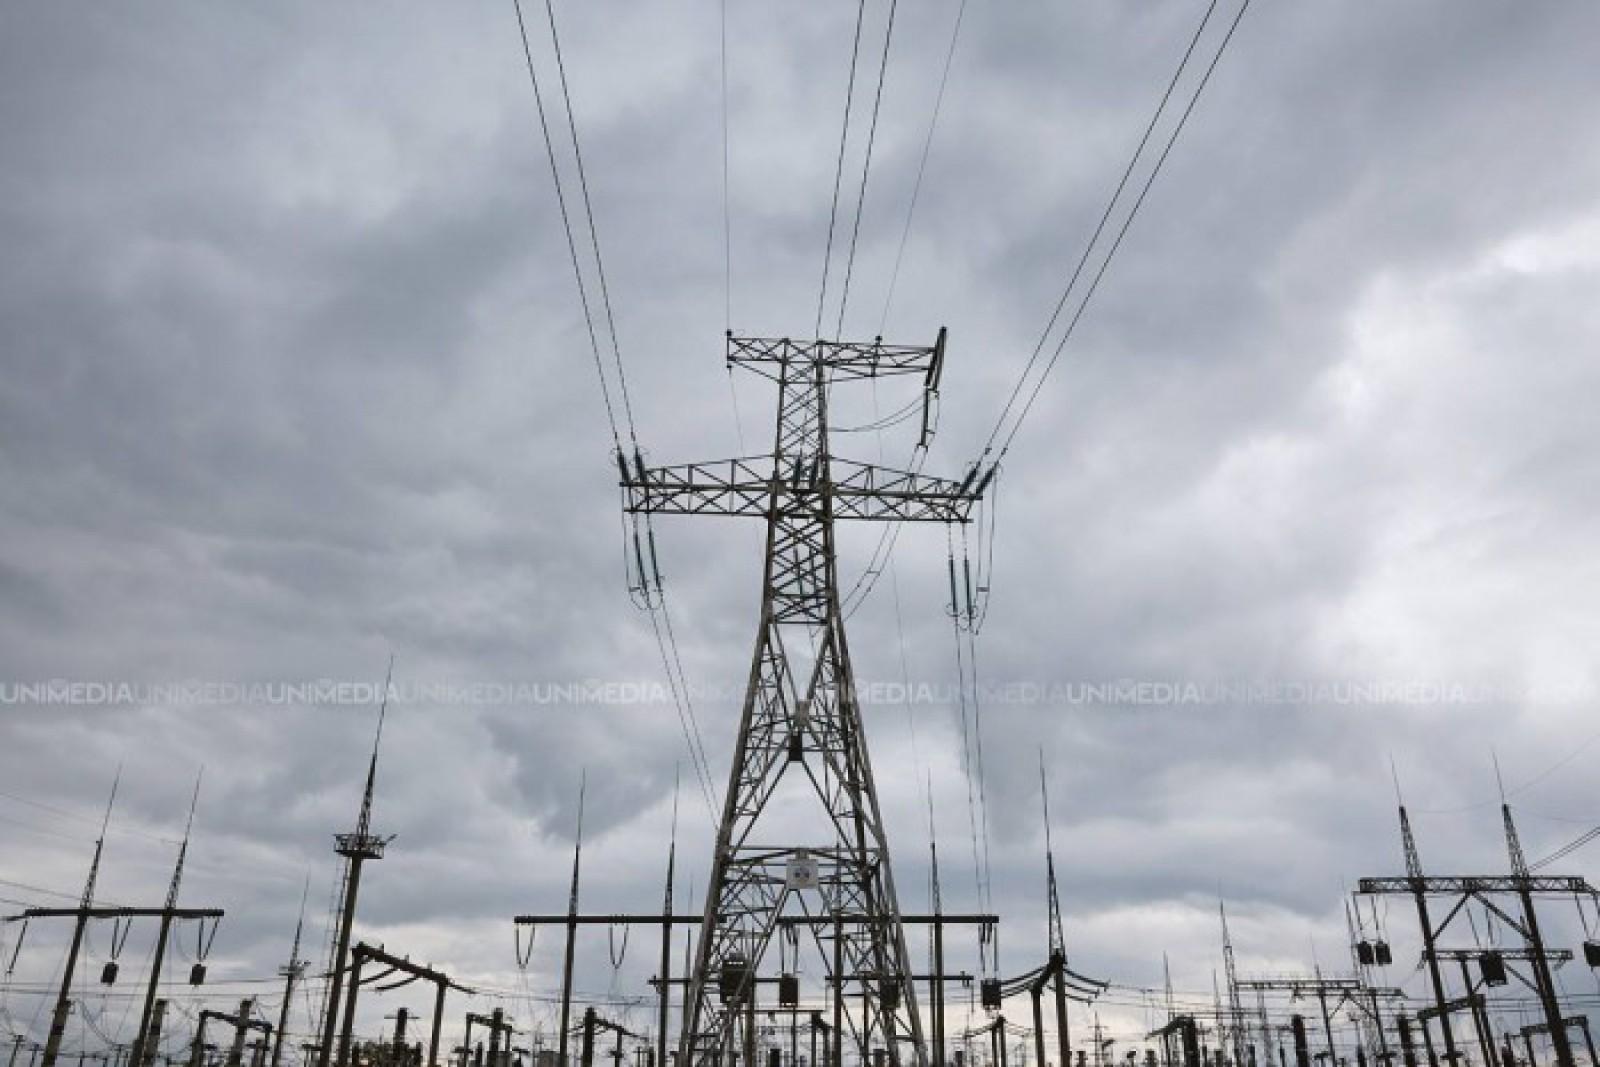 Rețelele de energie electrică între Republica Moldova și România ar putea fi interconectate permanent: BEI ar putea oferi 80 de milioane de euro în acest sens